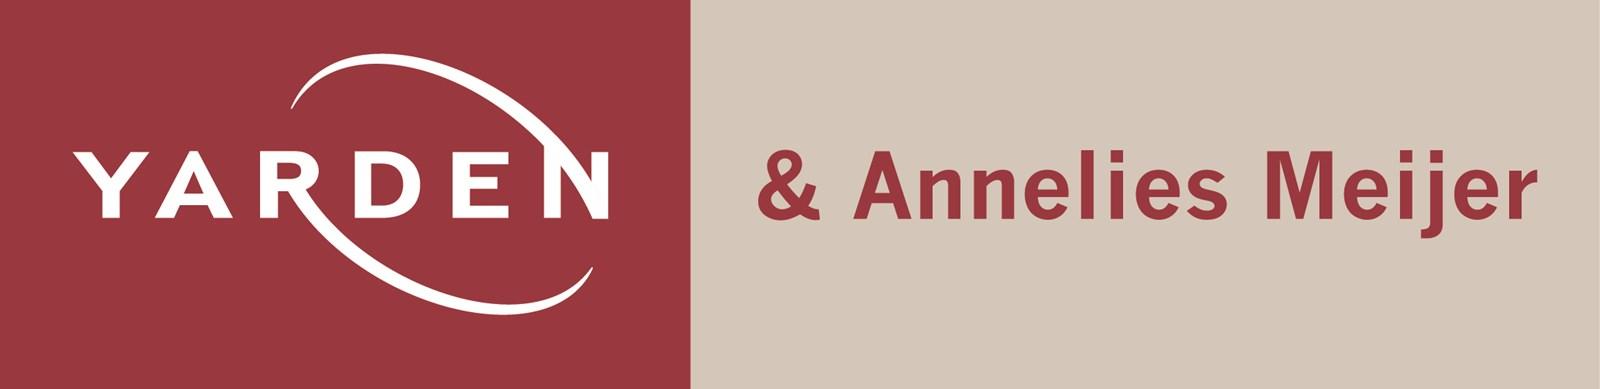 Logo van Yarden & Annelies Meijer